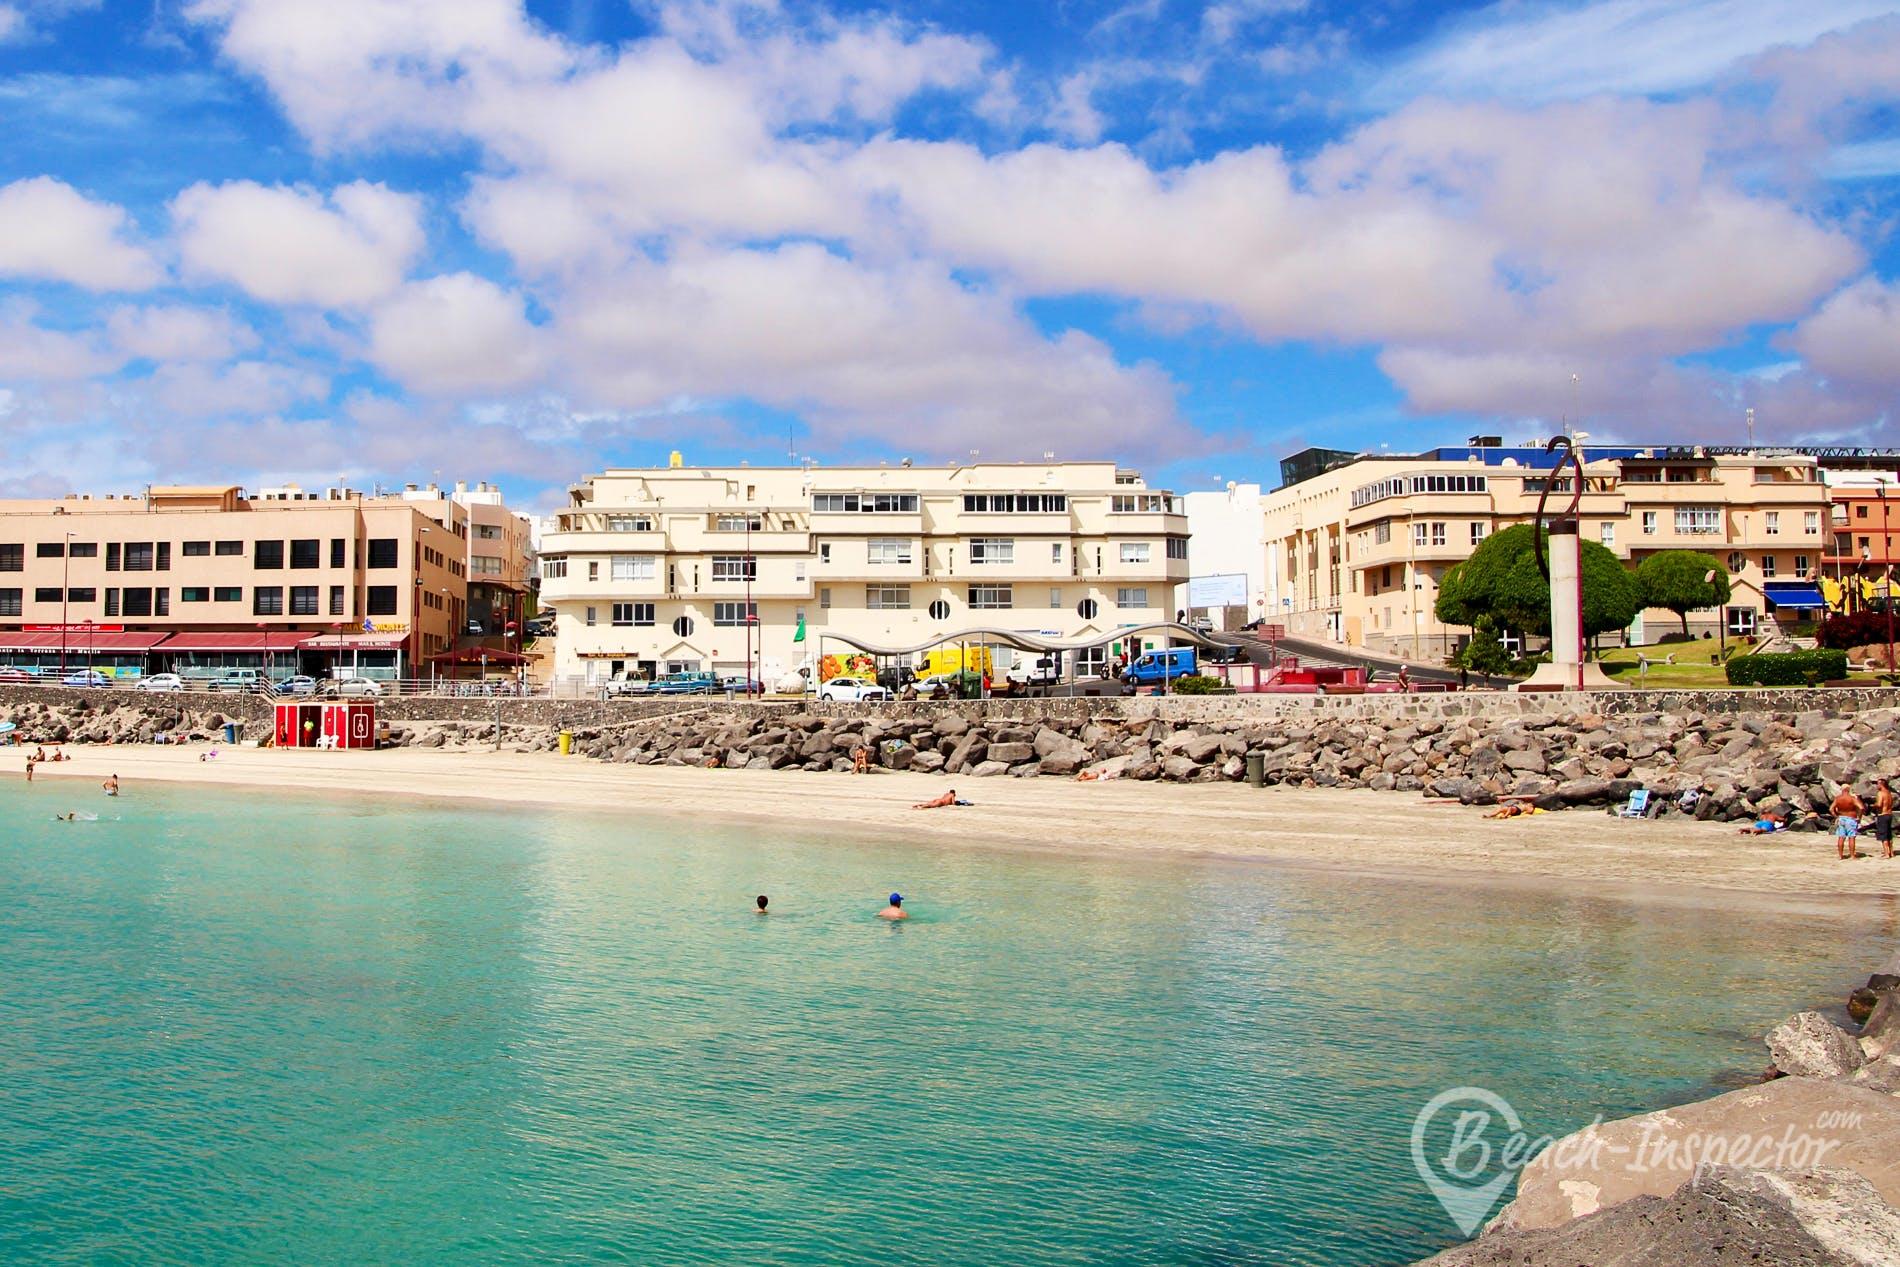 Beach Playa Chica, Fuerteventura, Spain